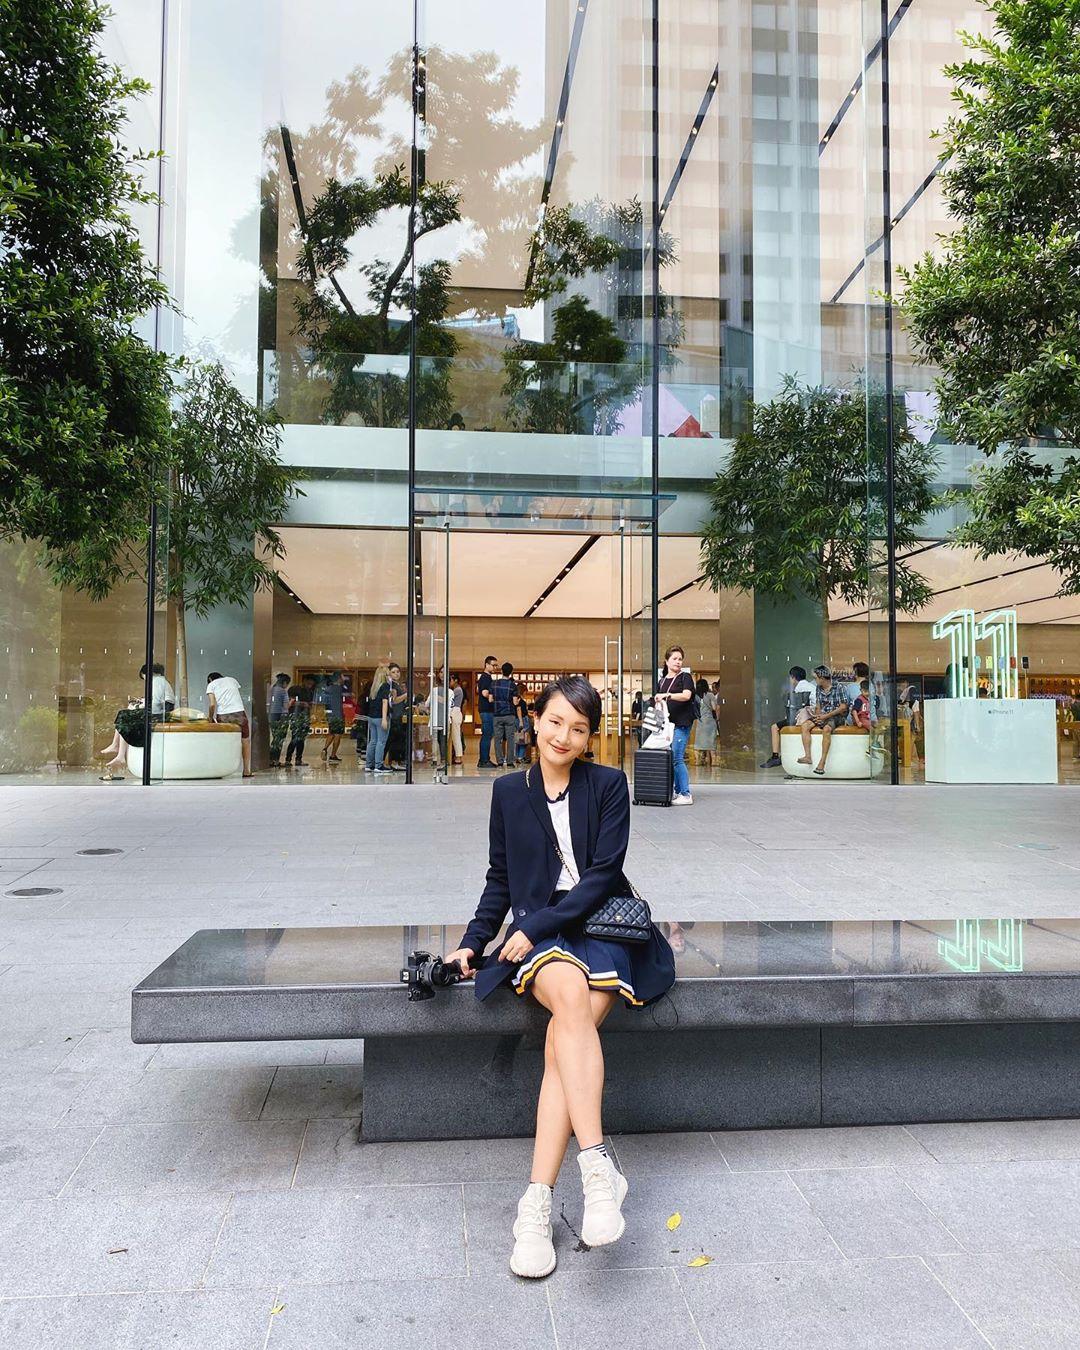 Vlogger Giang Ơi nhận nhiều lượt like, tương tác khi đăng ảnh và chia sẻ về kỷ niệm tại Singapore. Ảnh: Instagram.